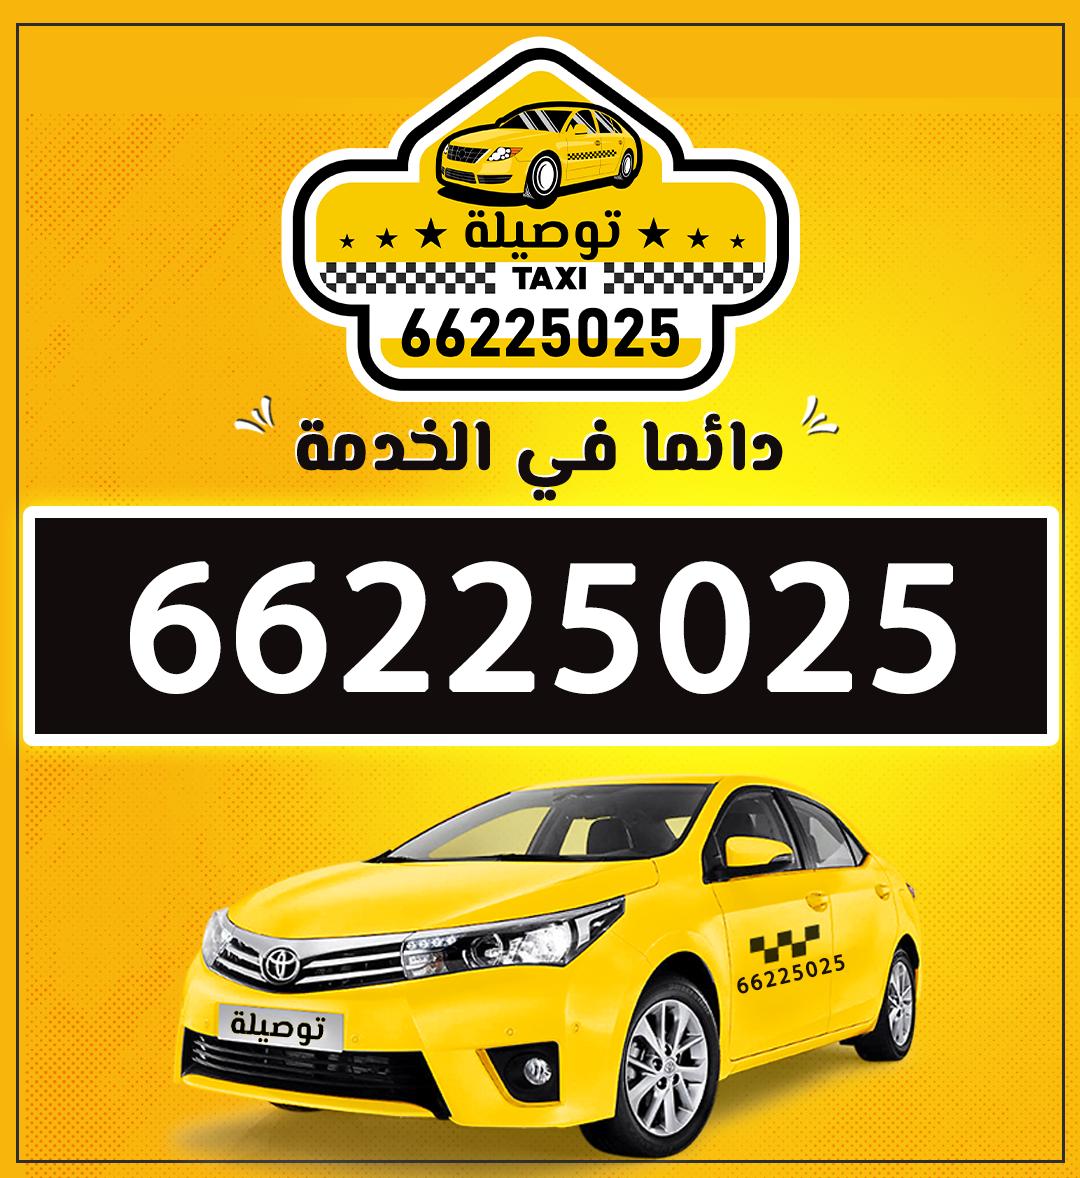 تاكسي توصيلة في شارع سيد علي سيد سليمان الرفاعي